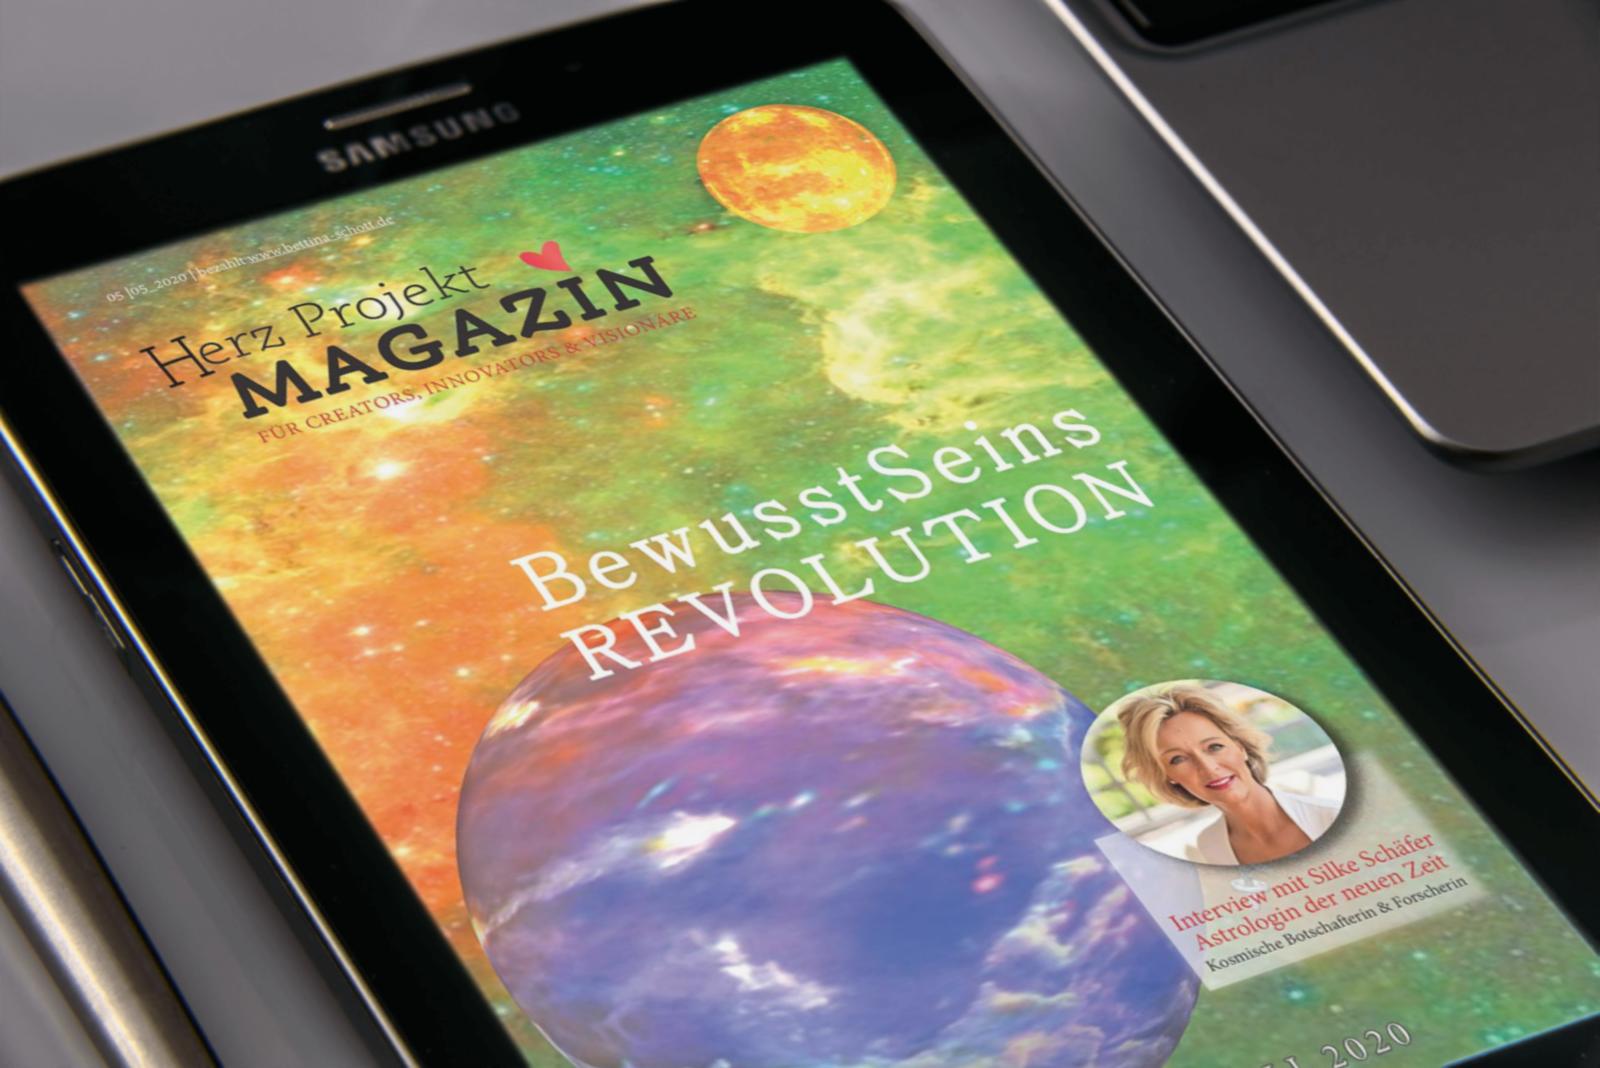 Herz ♥ Projekt Magazin 5. Ausgabe Titel Thema Bewusstseins Revolution 2020